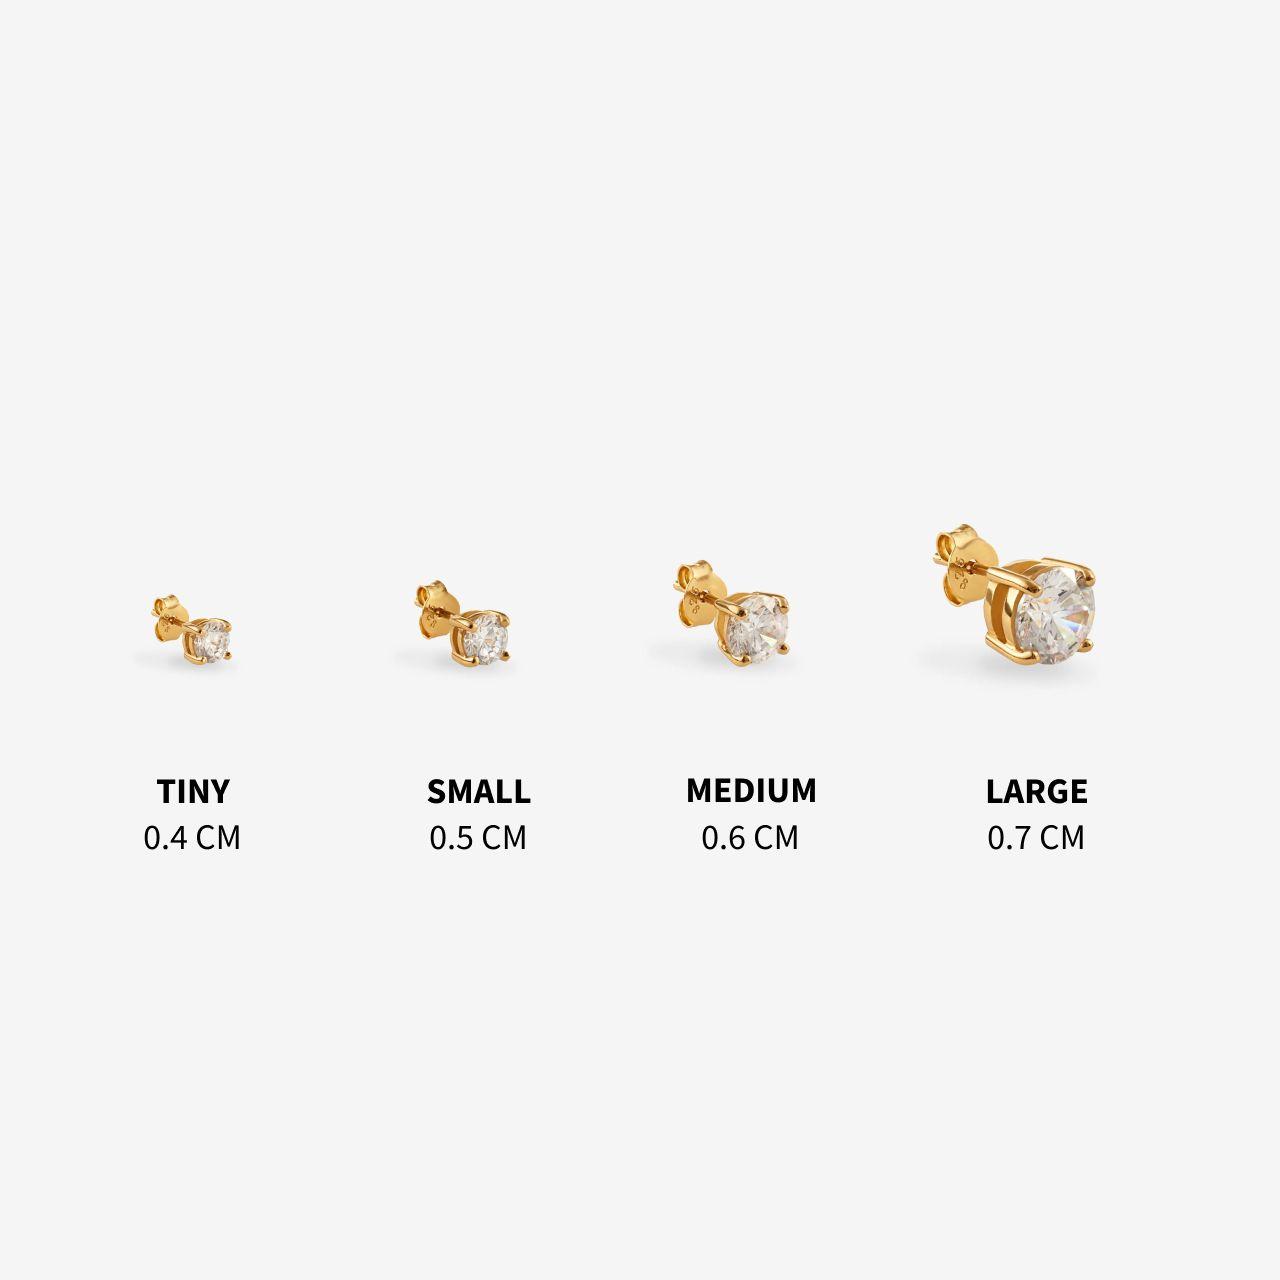 Athena Small - Single-Ohrringe - 18k vergoldet